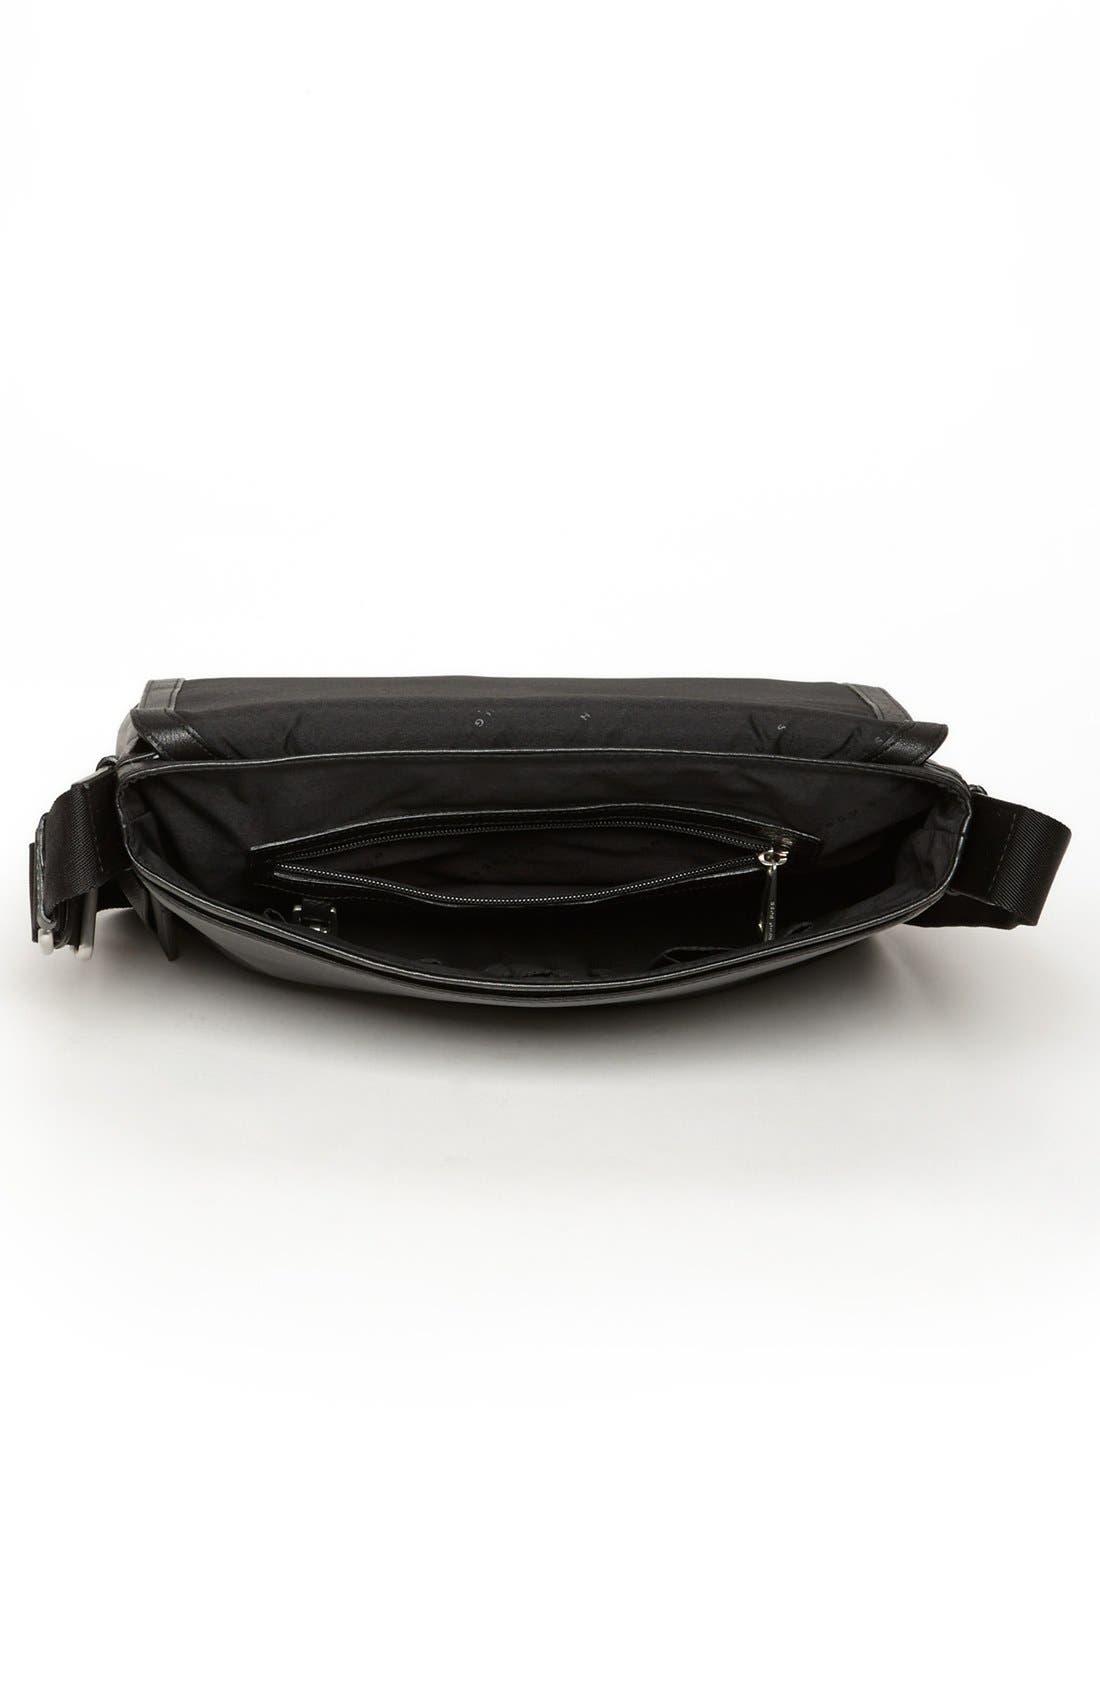 HUGO BOSS 'Barter' Leather Messenger Bag,                             Alternate thumbnail 3, color,                             001